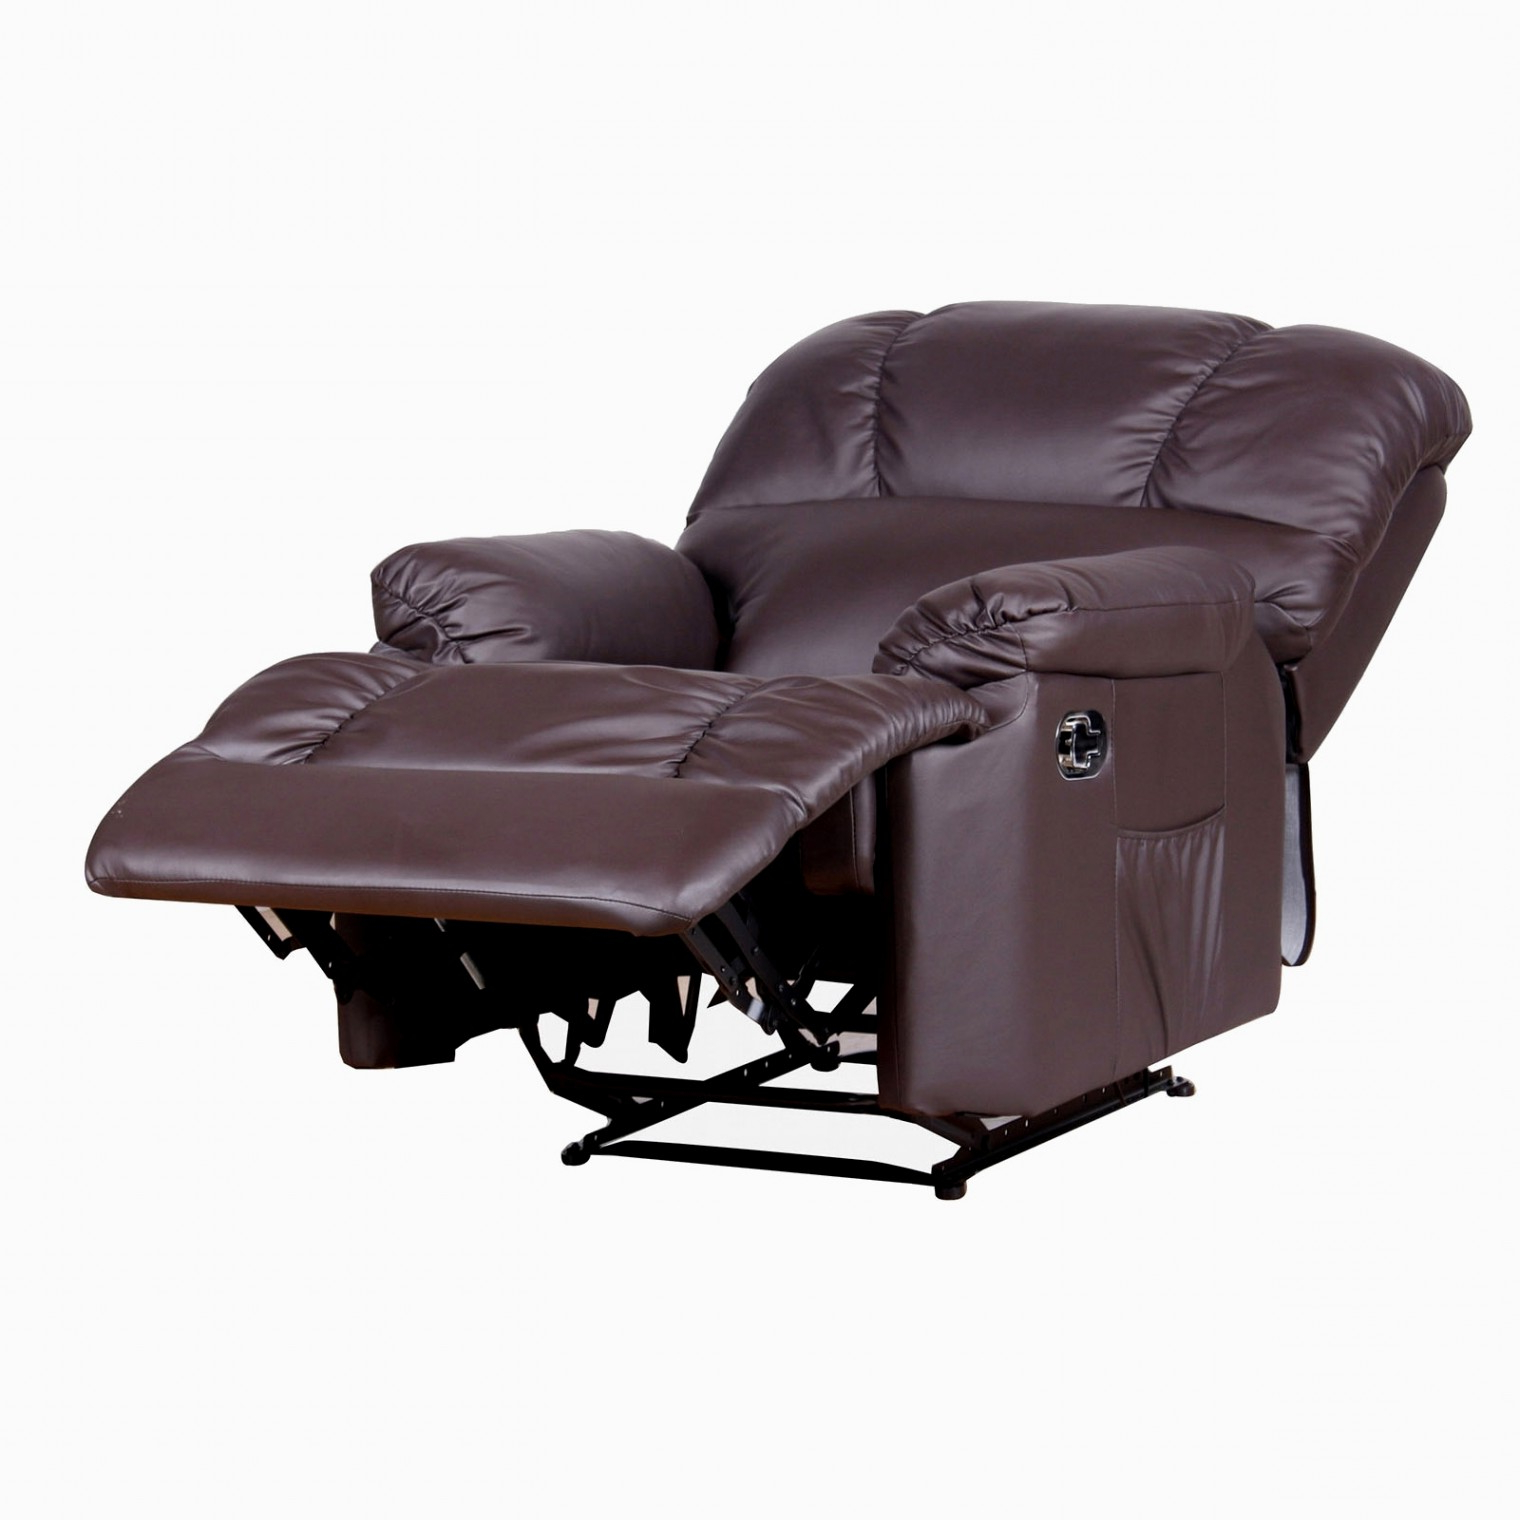 Full Size of Ikea Relaxsessel Grau Sessel Elektrisch Garten Leder Kinder Muren Strandmon Gebraucht Mit Hocker Miniküche Küche Kosten Kaufen Betten Bei Aldi Modulküche Wohnzimmer Ikea Relaxsessel